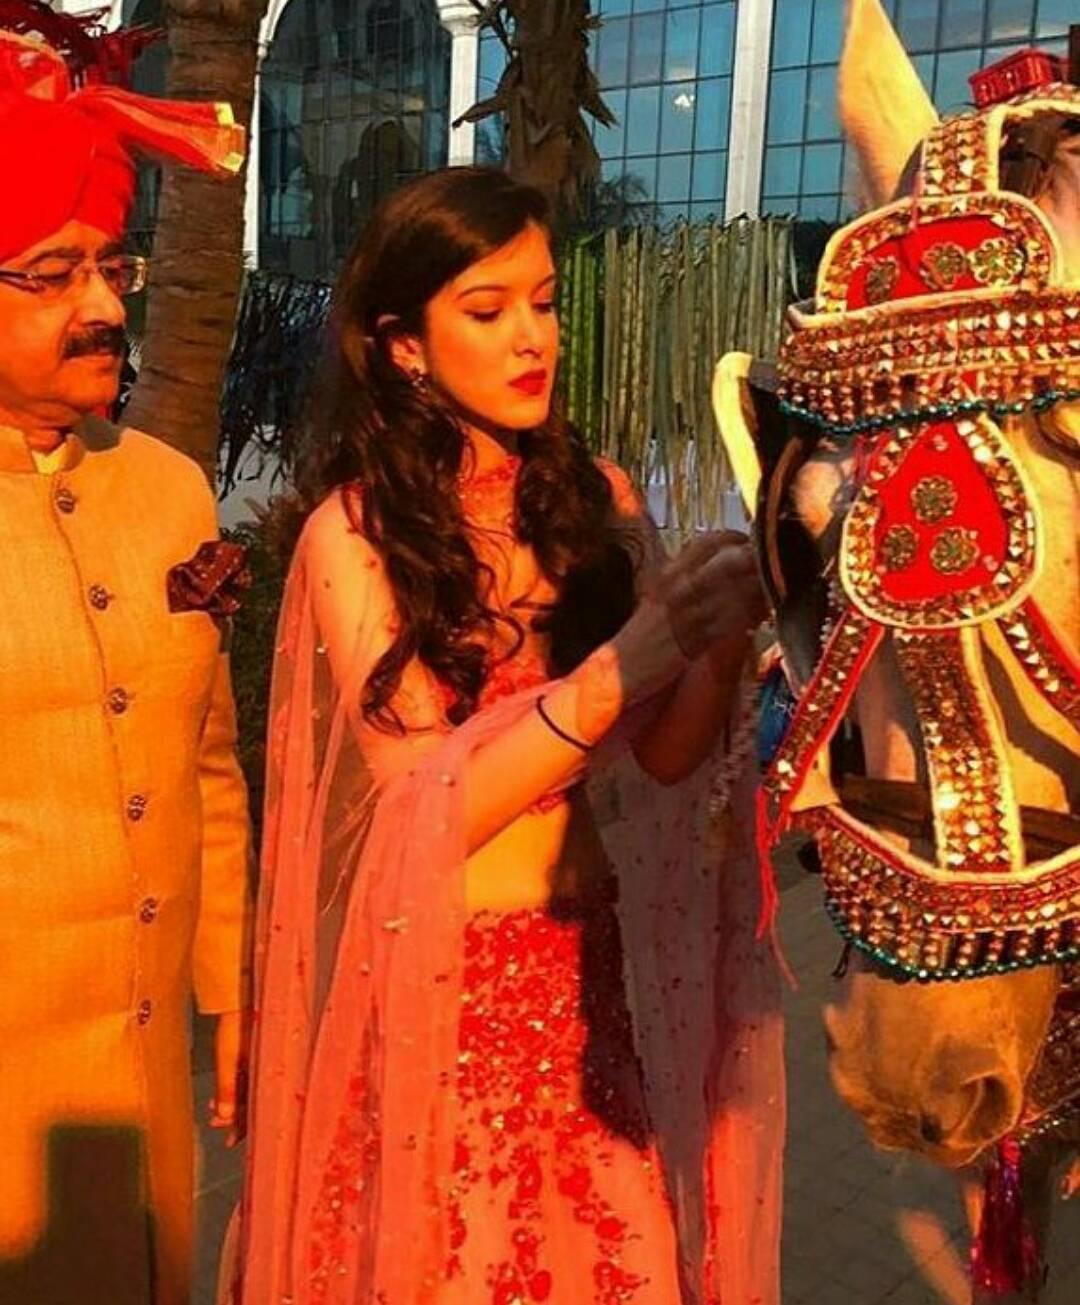 Mohit Marwah, Antara Motiwala, Mohit Marwah Antara Motiwala Wedding, Celebrity Wedding, Bollywood Wedding, Destination Wedding, Shanaya Kapoor, Sandeep Marwah, Sanjay Kapoor, Baraat